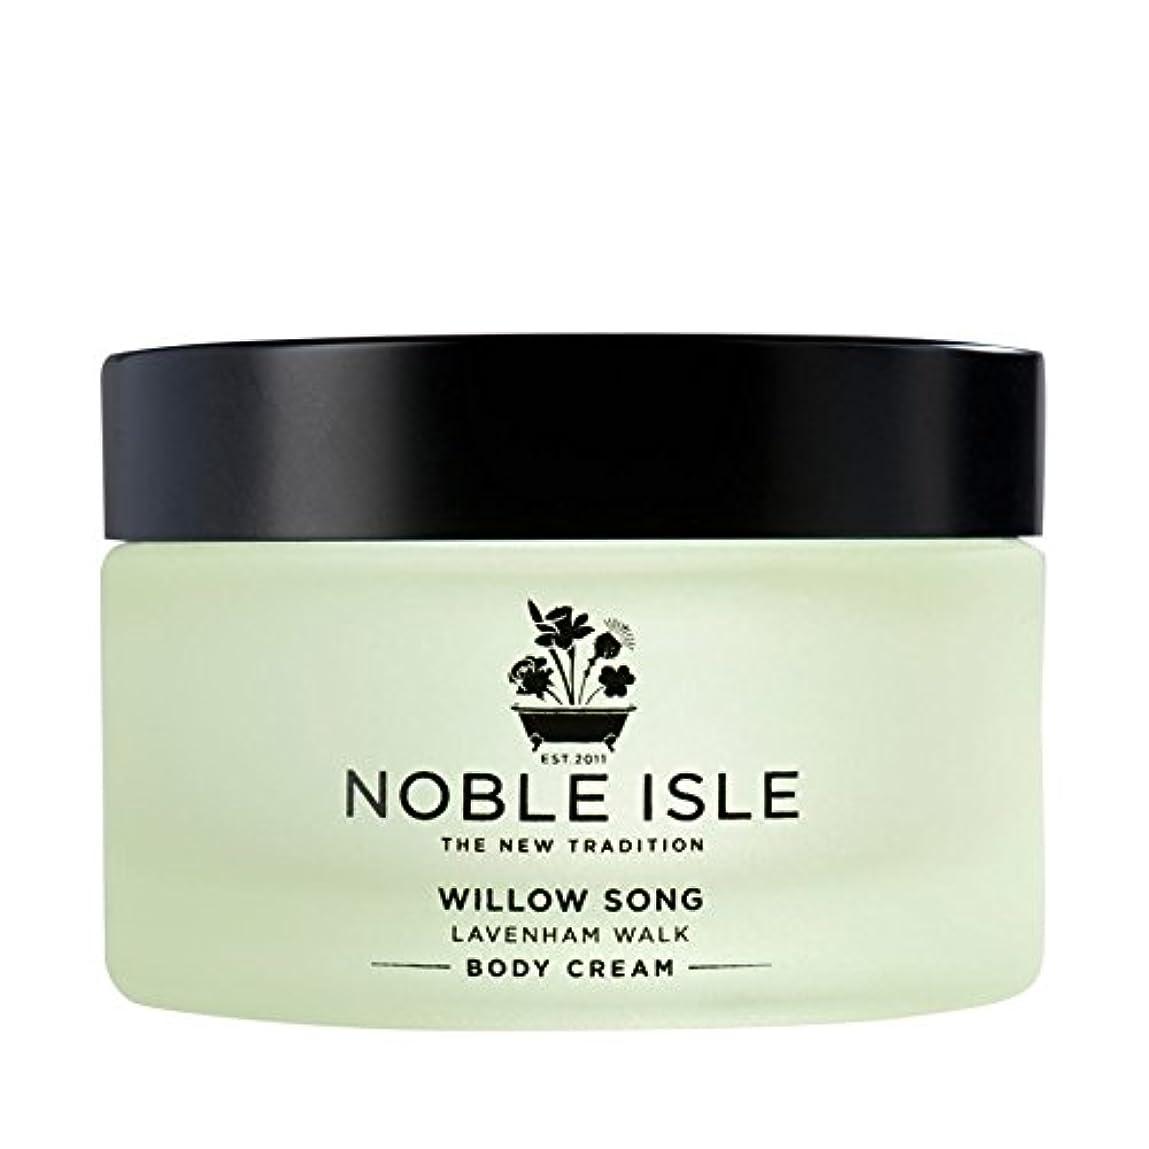 牛肉アレルギー性放射する高貴な島柳の歌ラヴァンハム徒歩ボディクリーム170ミリリットル x4 - Noble Isle Willow Song Lavenham Walk Body Cream 170ml (Pack of 4) [並行輸入品]